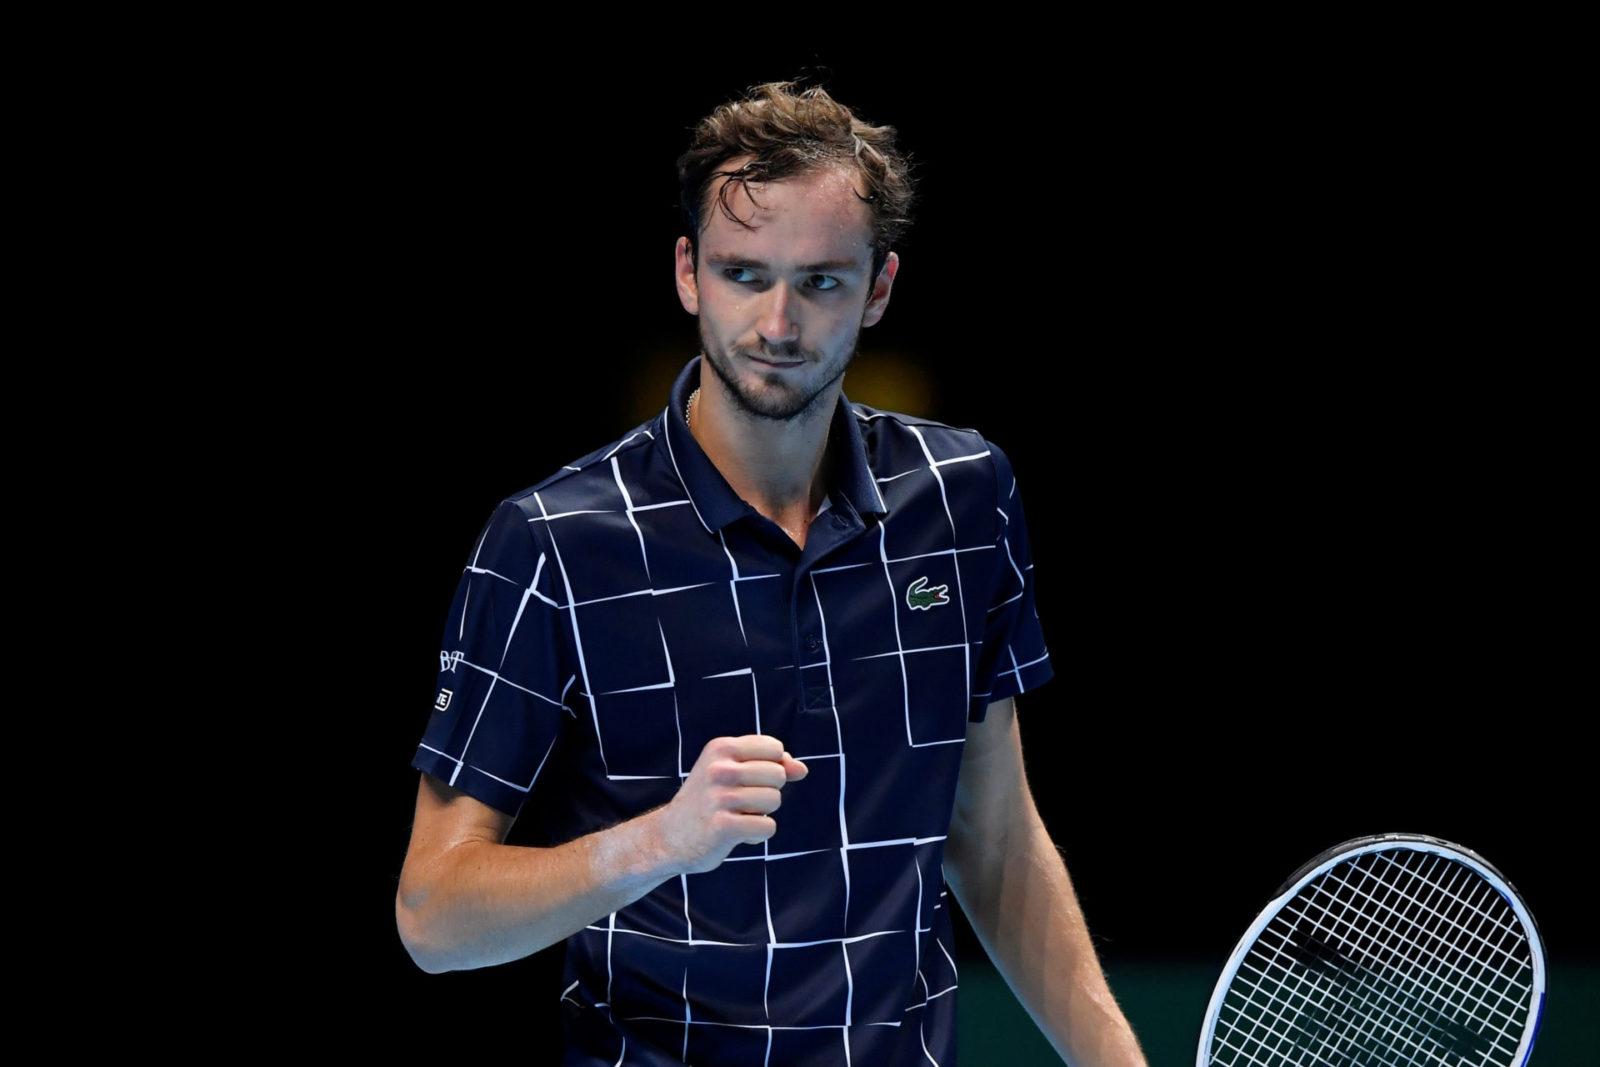 Даниил Медведев спечели финалите на АТП за най-големия си успех 8